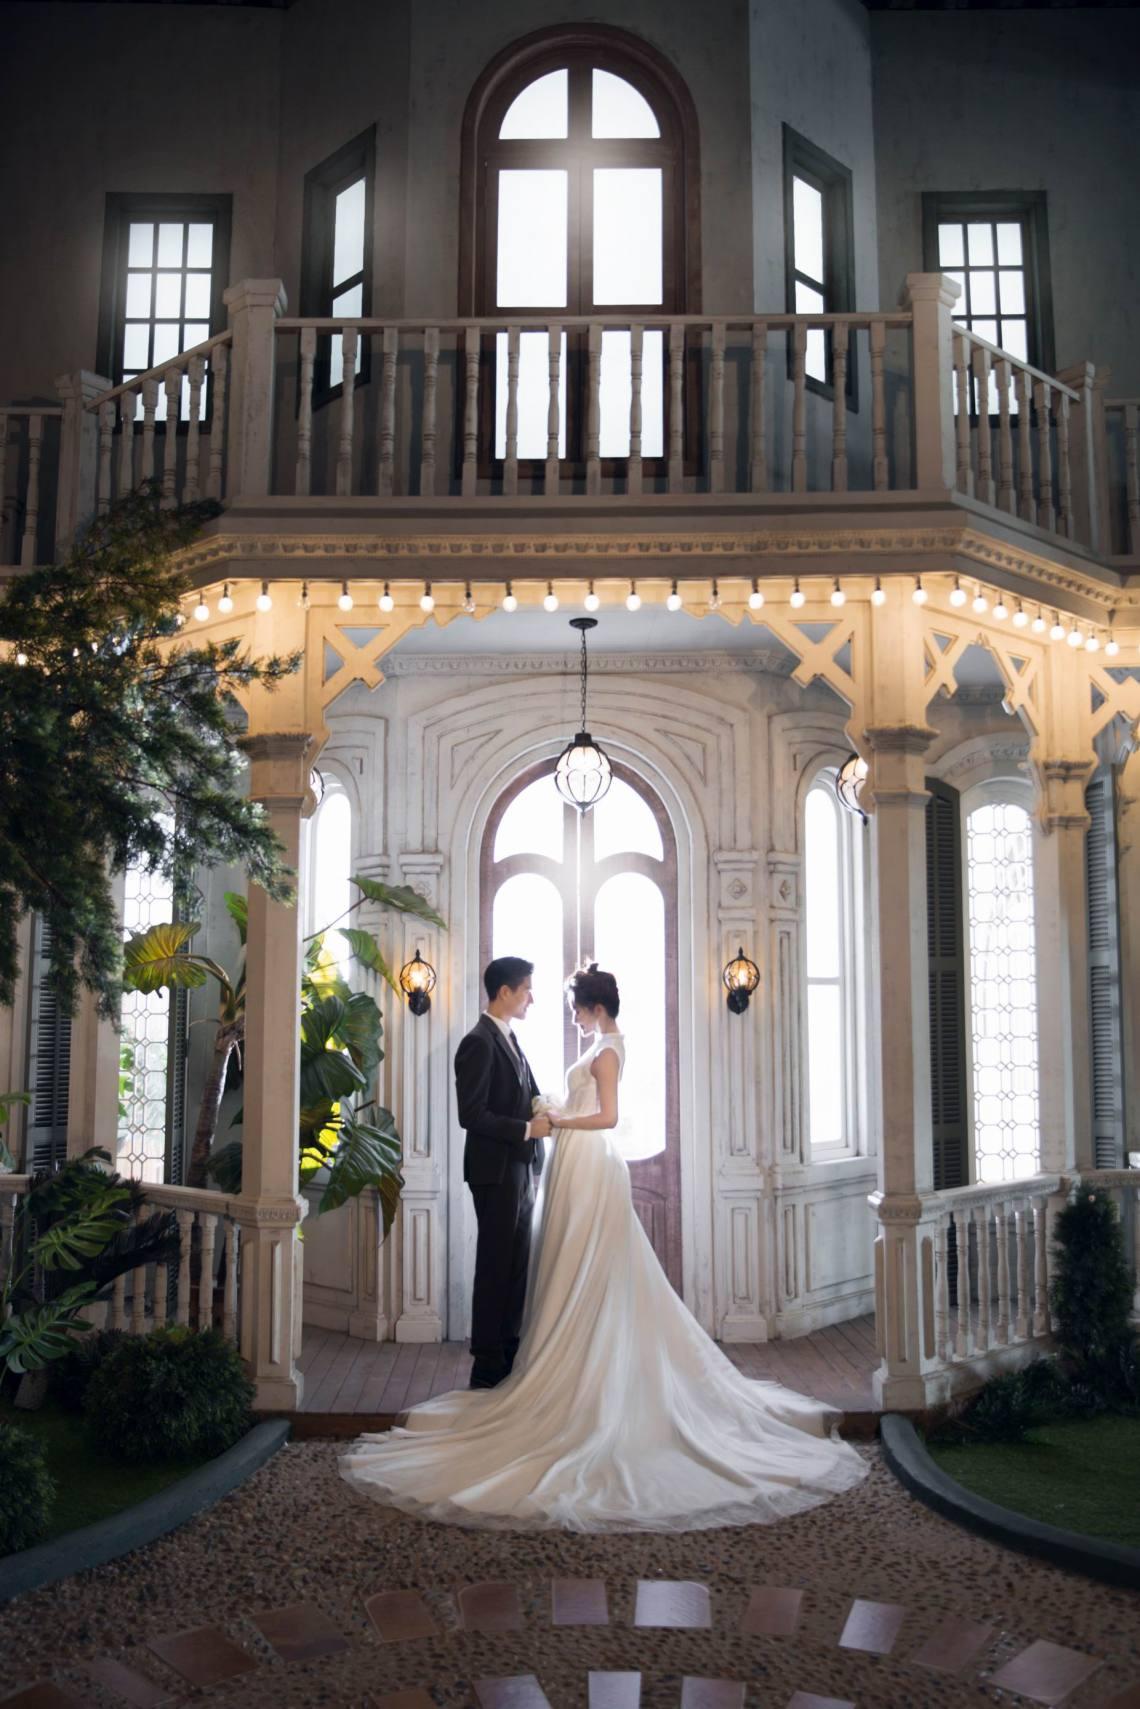 海外婚紗,日照拍婚紗,海外婚紗推薦,海外婚紗2020,a42